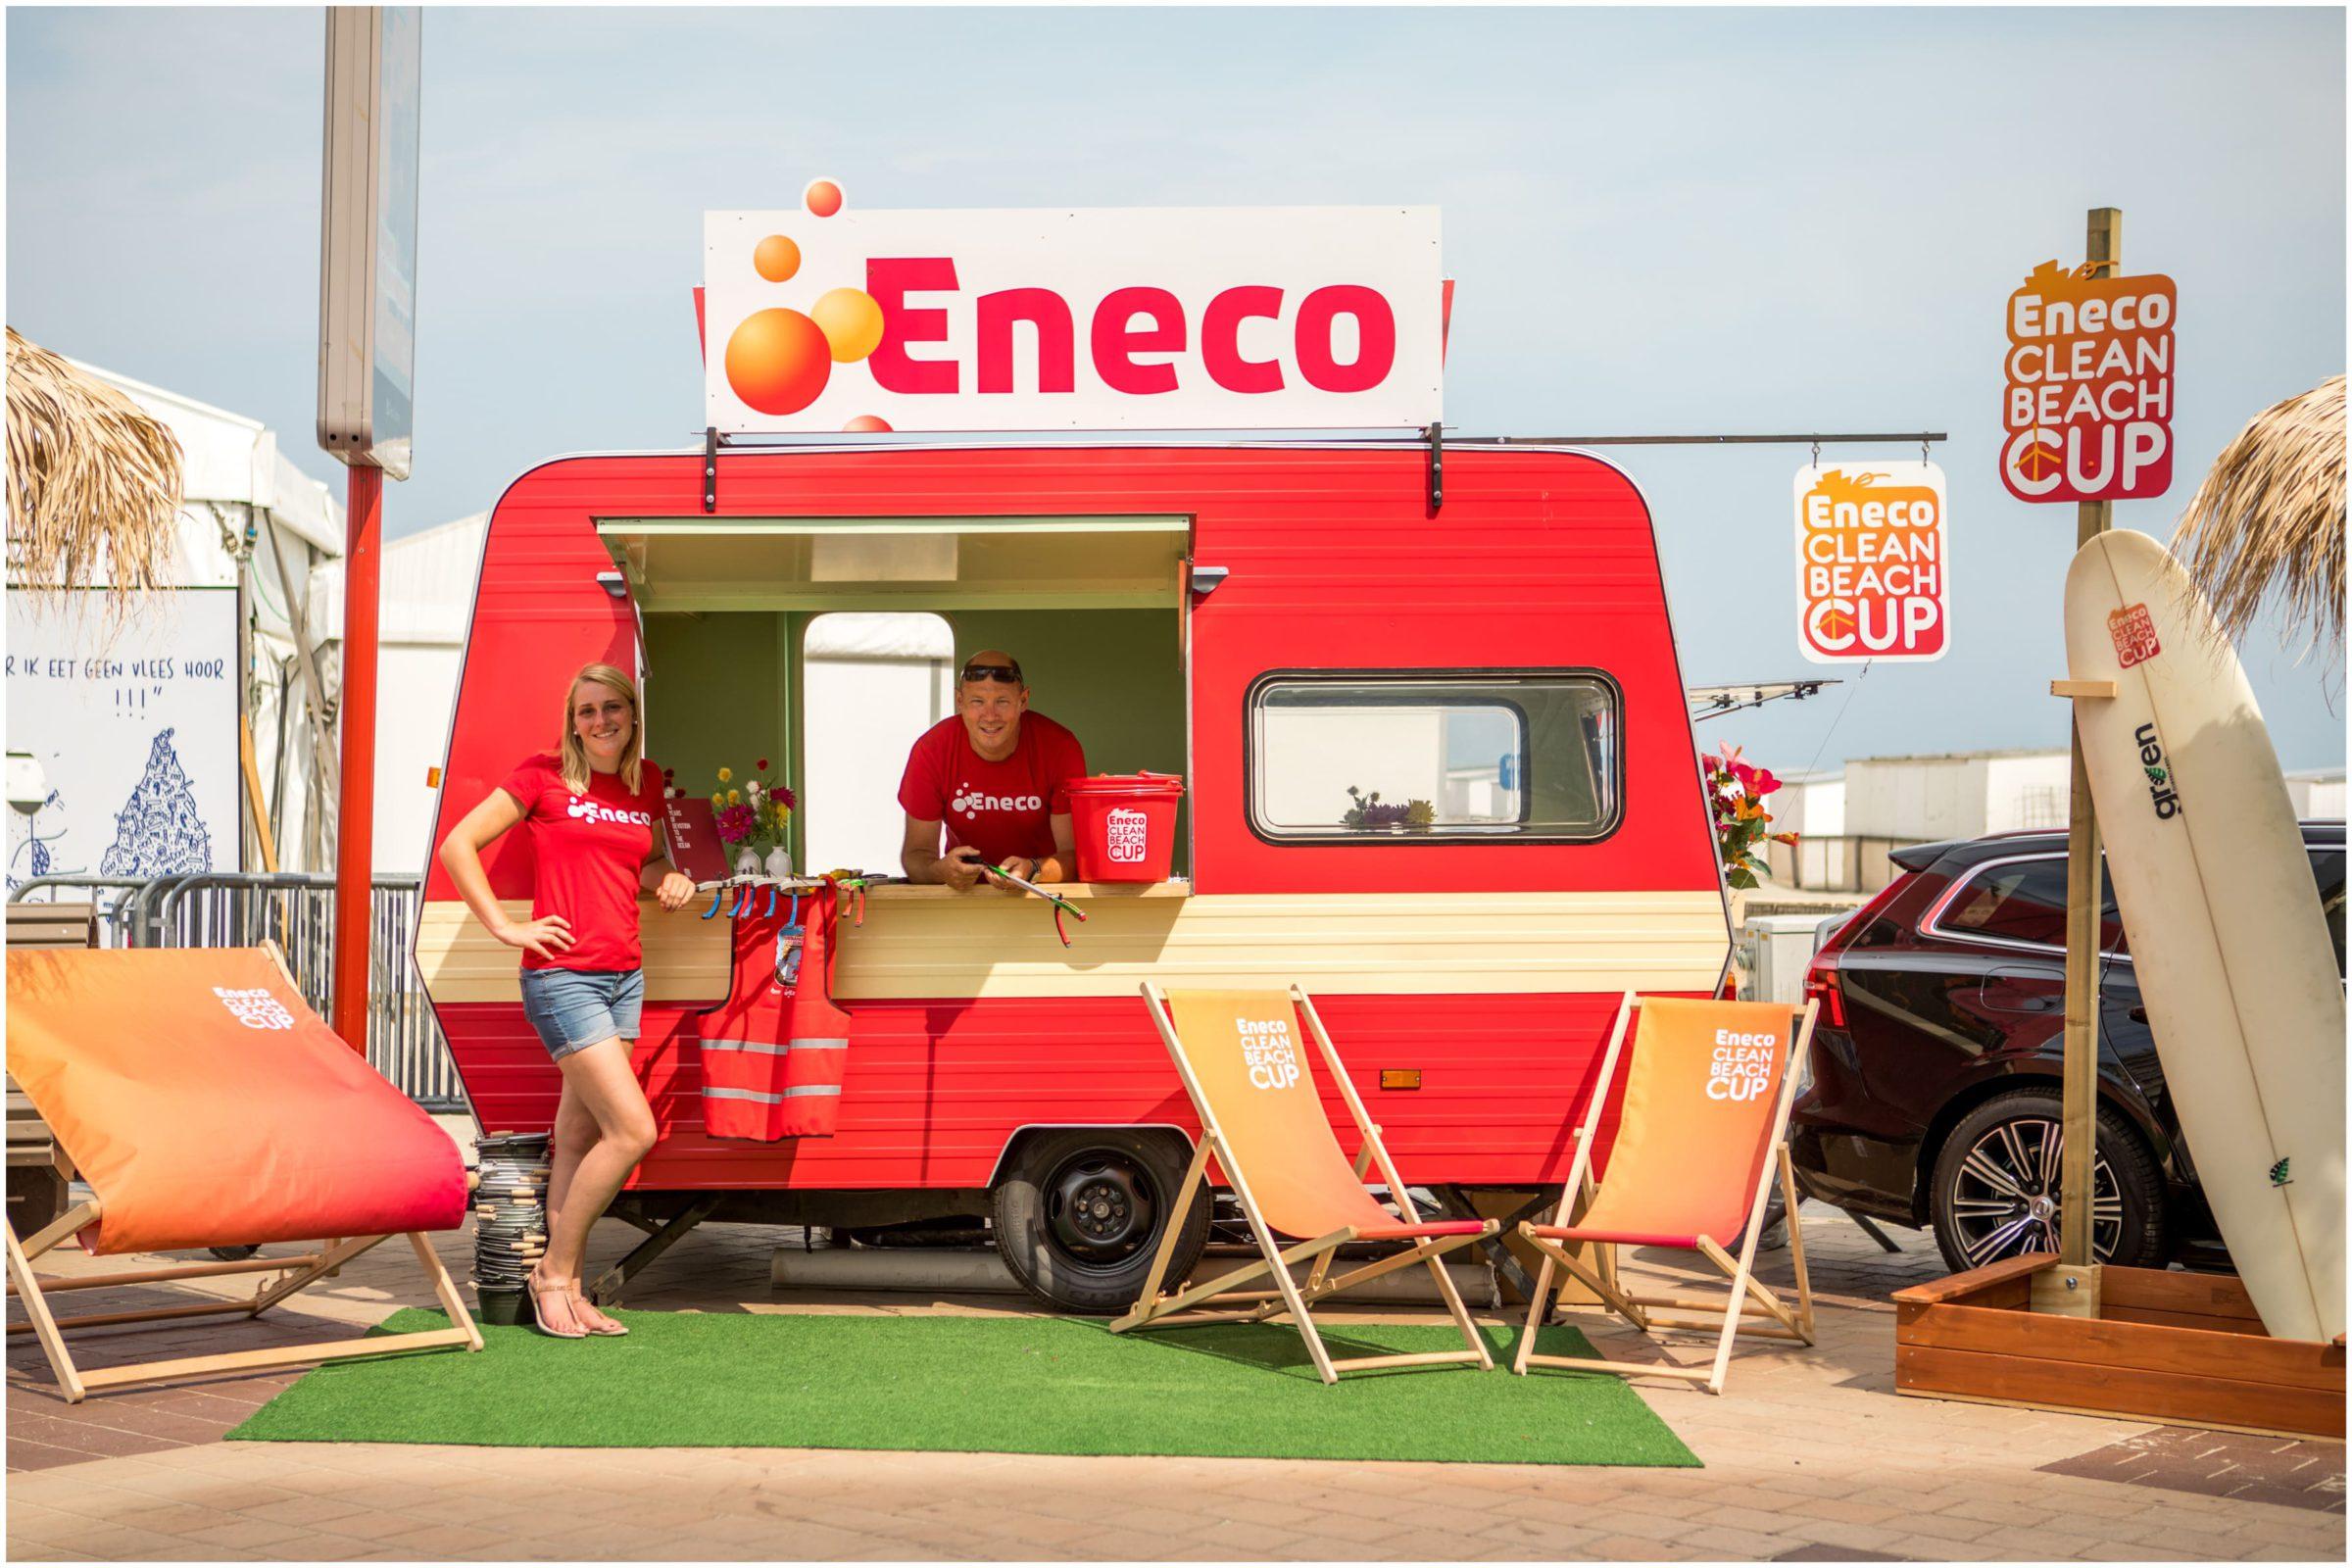 Eneco Clean Beach Cup 72